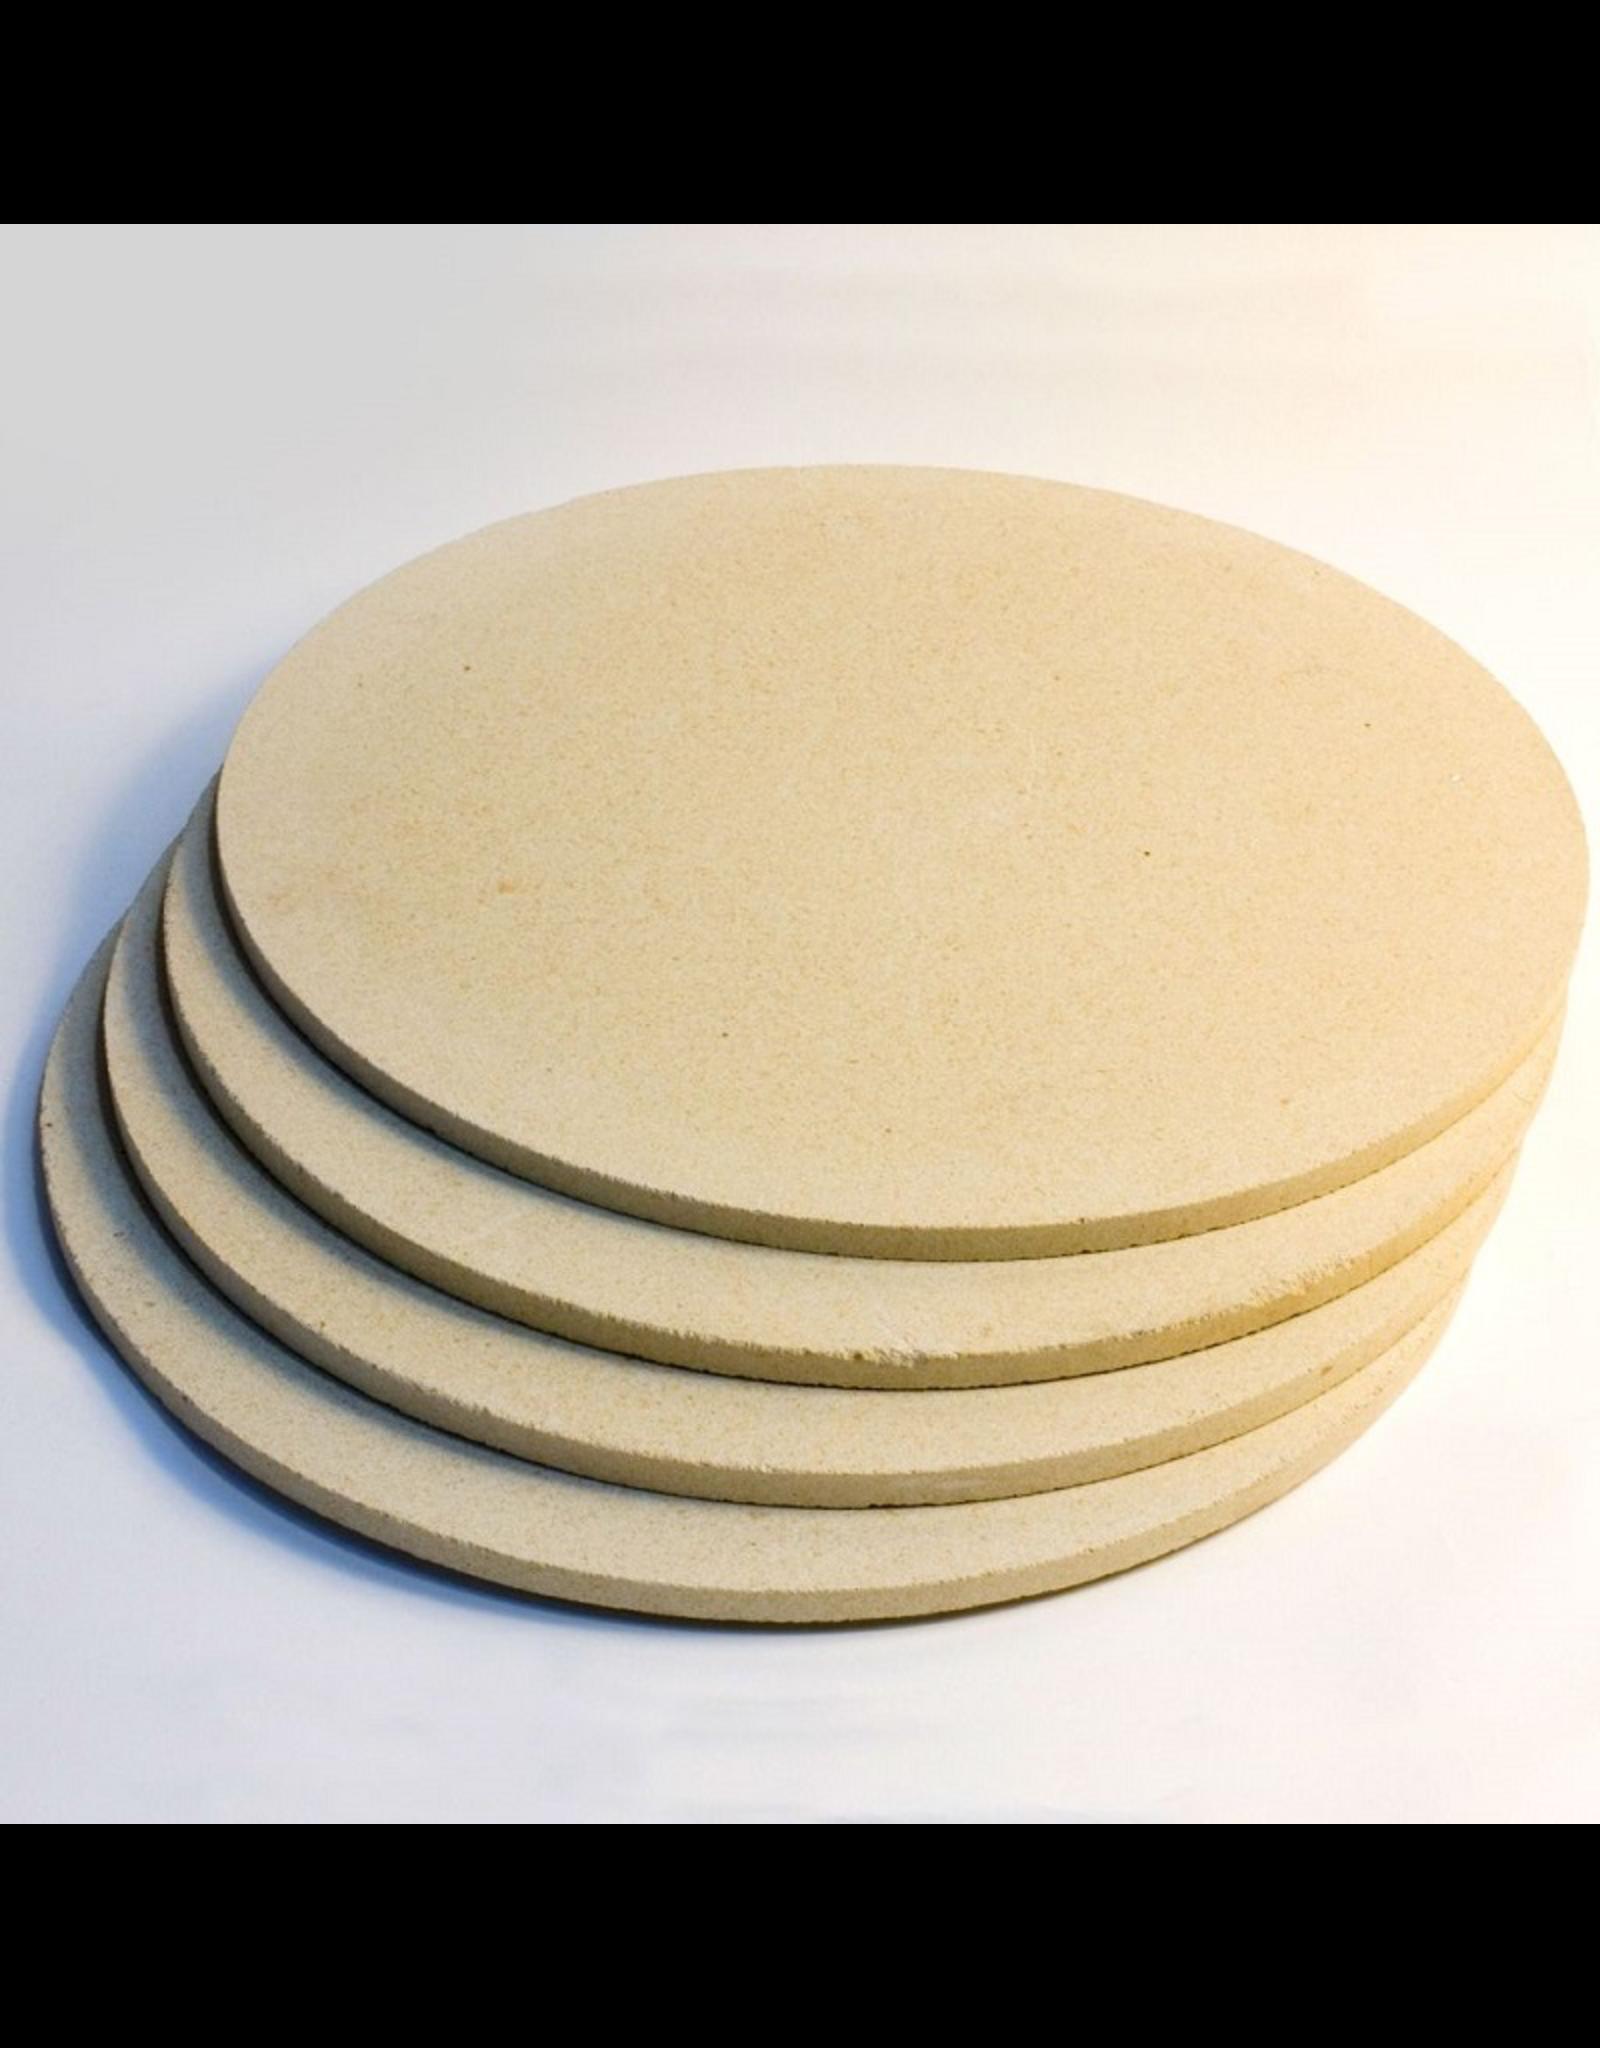 Round 36.5cm x 0.95cm Kiln Shelf